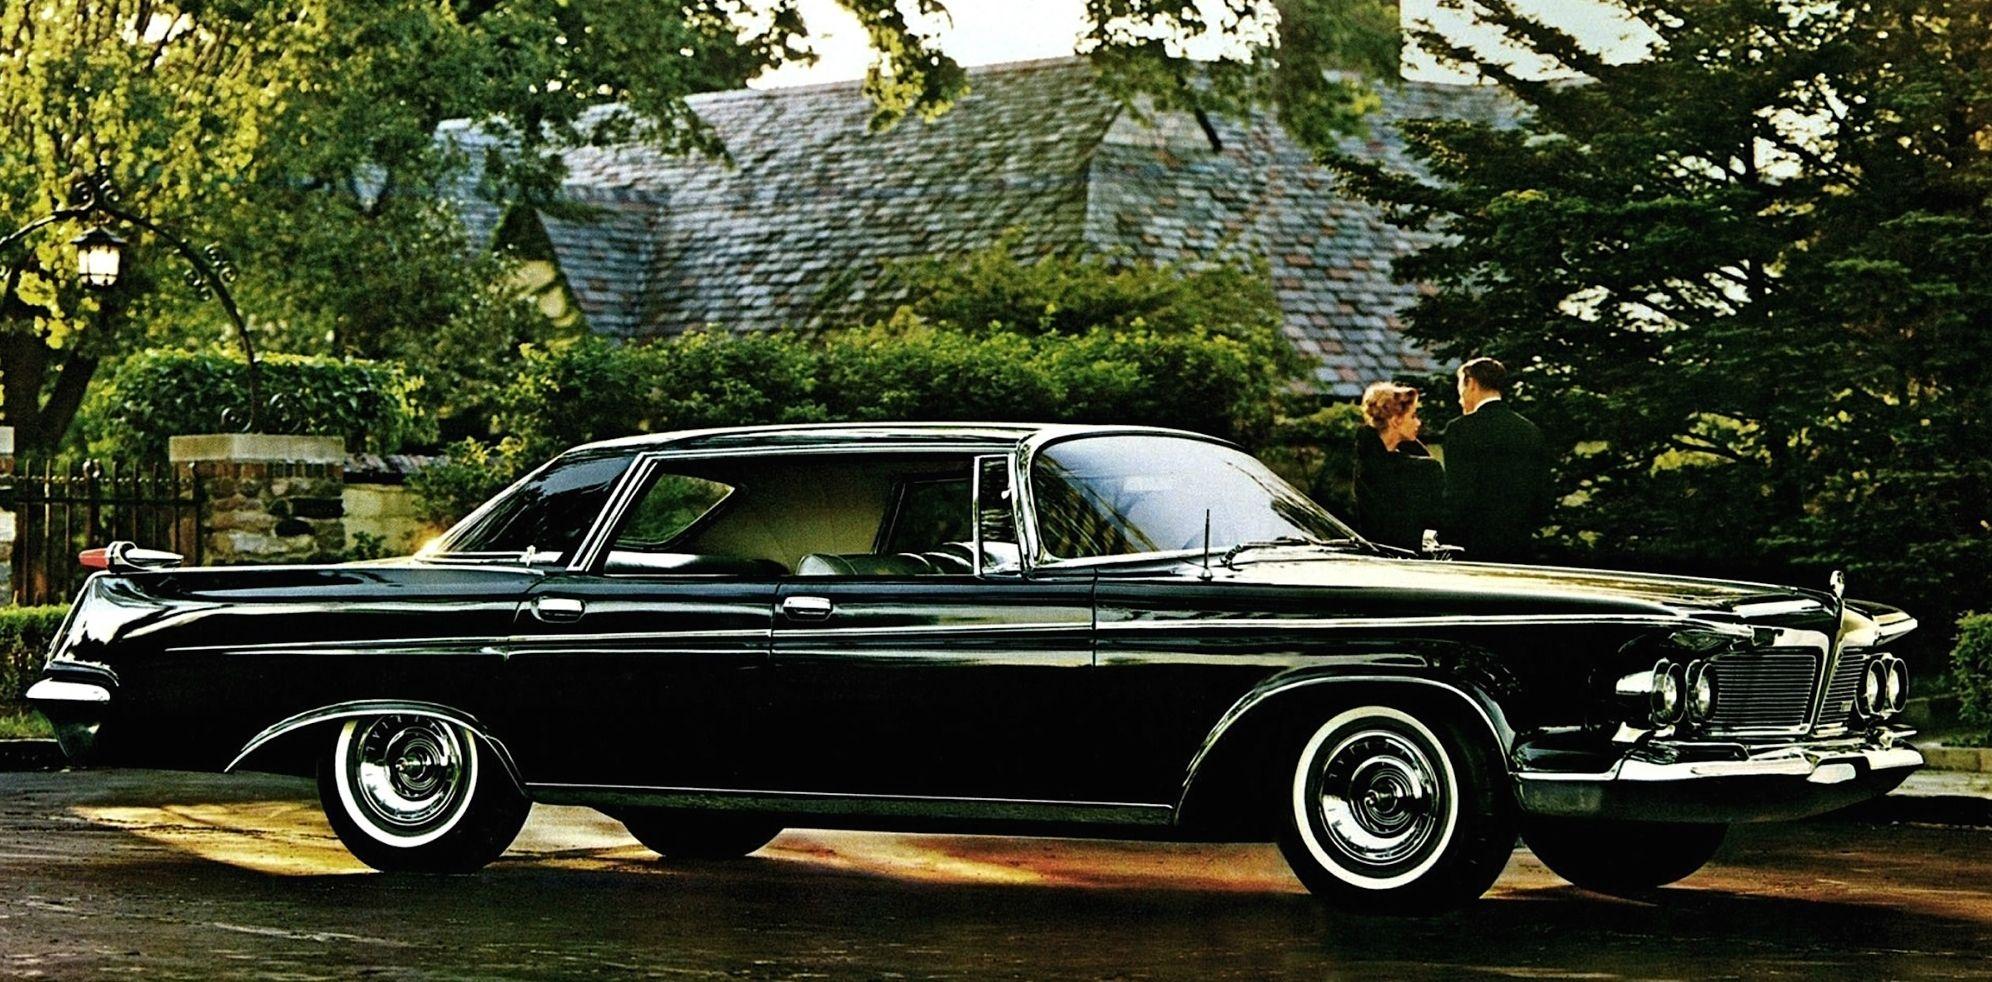 Chrysler Imperial LeBaron (1962) | CAR | Pinterest | Cars on 1985 chrysler lebaron, plymouth fury, dodge polara, chrysler gran fury, 1960 chrysler lebaron, chrysler lebaron convertible red, amc gremlin, chrysler new yorker, chrysler cordoba, 1975 chrysler lebaron, chrysler newport, chrysler pt cruiser car, chrysler k car limousine, plymouth valiant, chrysler lebaron 4 door, dodge monaco, 90 chrysler lebaron, 1931 chrysler lebaron, chrysler lebaron gts, dodge charger, lincoln continental, chrysler lebaron coupe, 1978 chrysler lebaron, chrysler town & country, chrysler 300 sedan, 1979 chrysler lebaron, 1987 chrysler lebaron, 1980 chrysler lebaron,